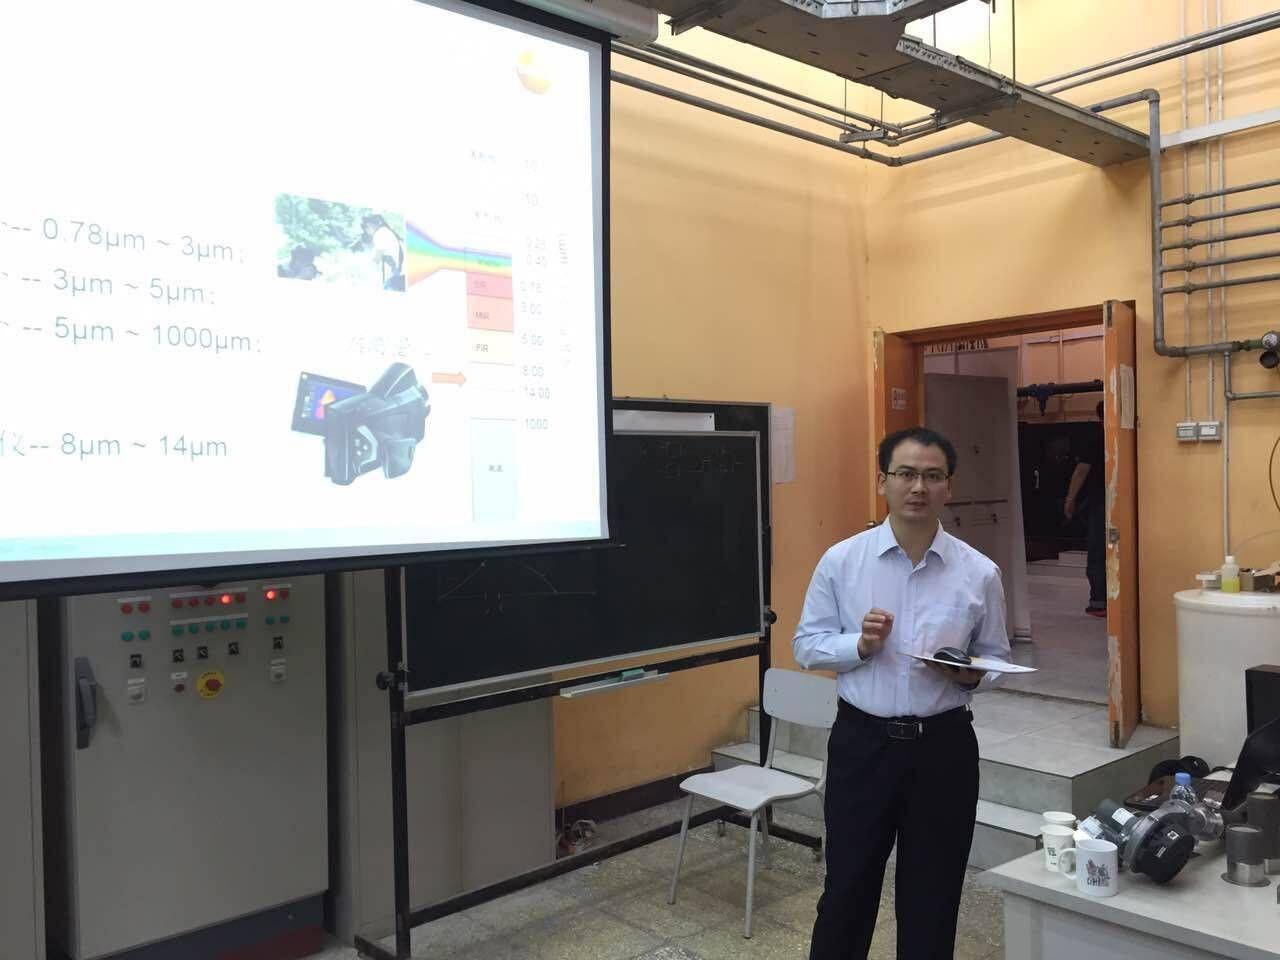 cn_company_news_hvacr_boiler_heating_training_01.jpg